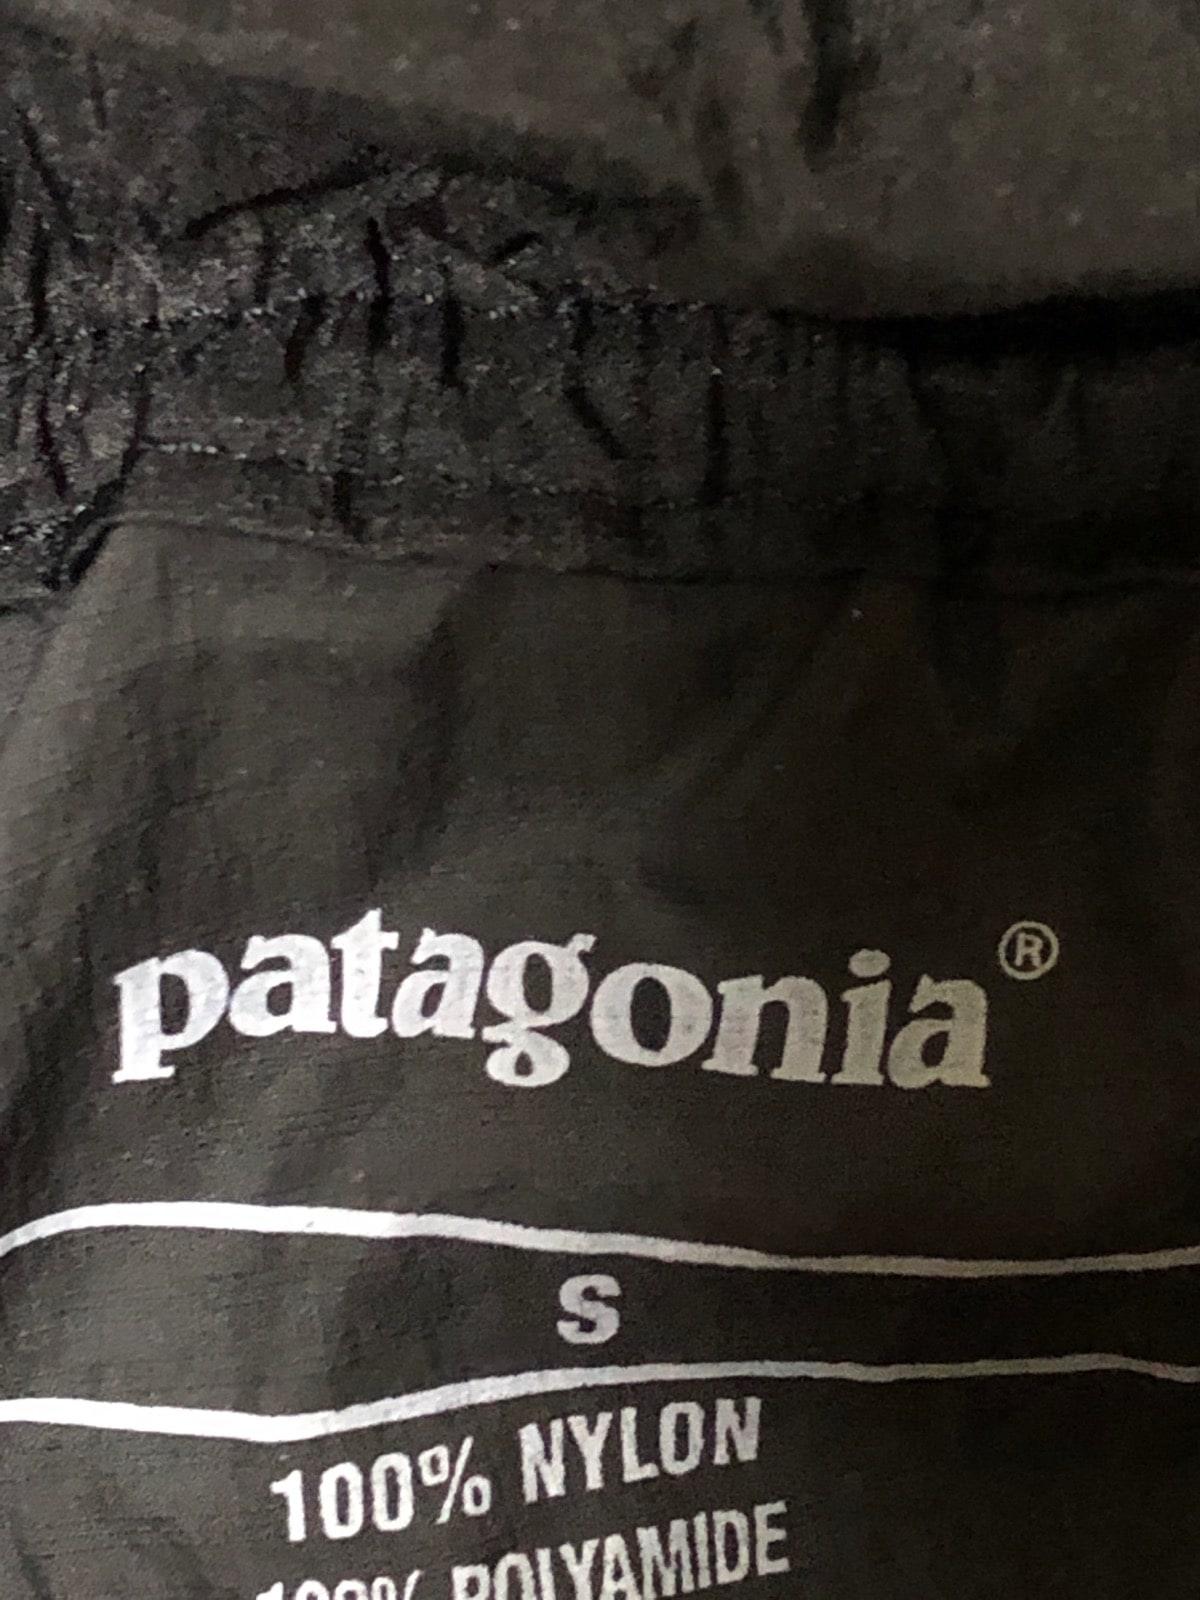 Patagonia(パタゴニア)のパンツ